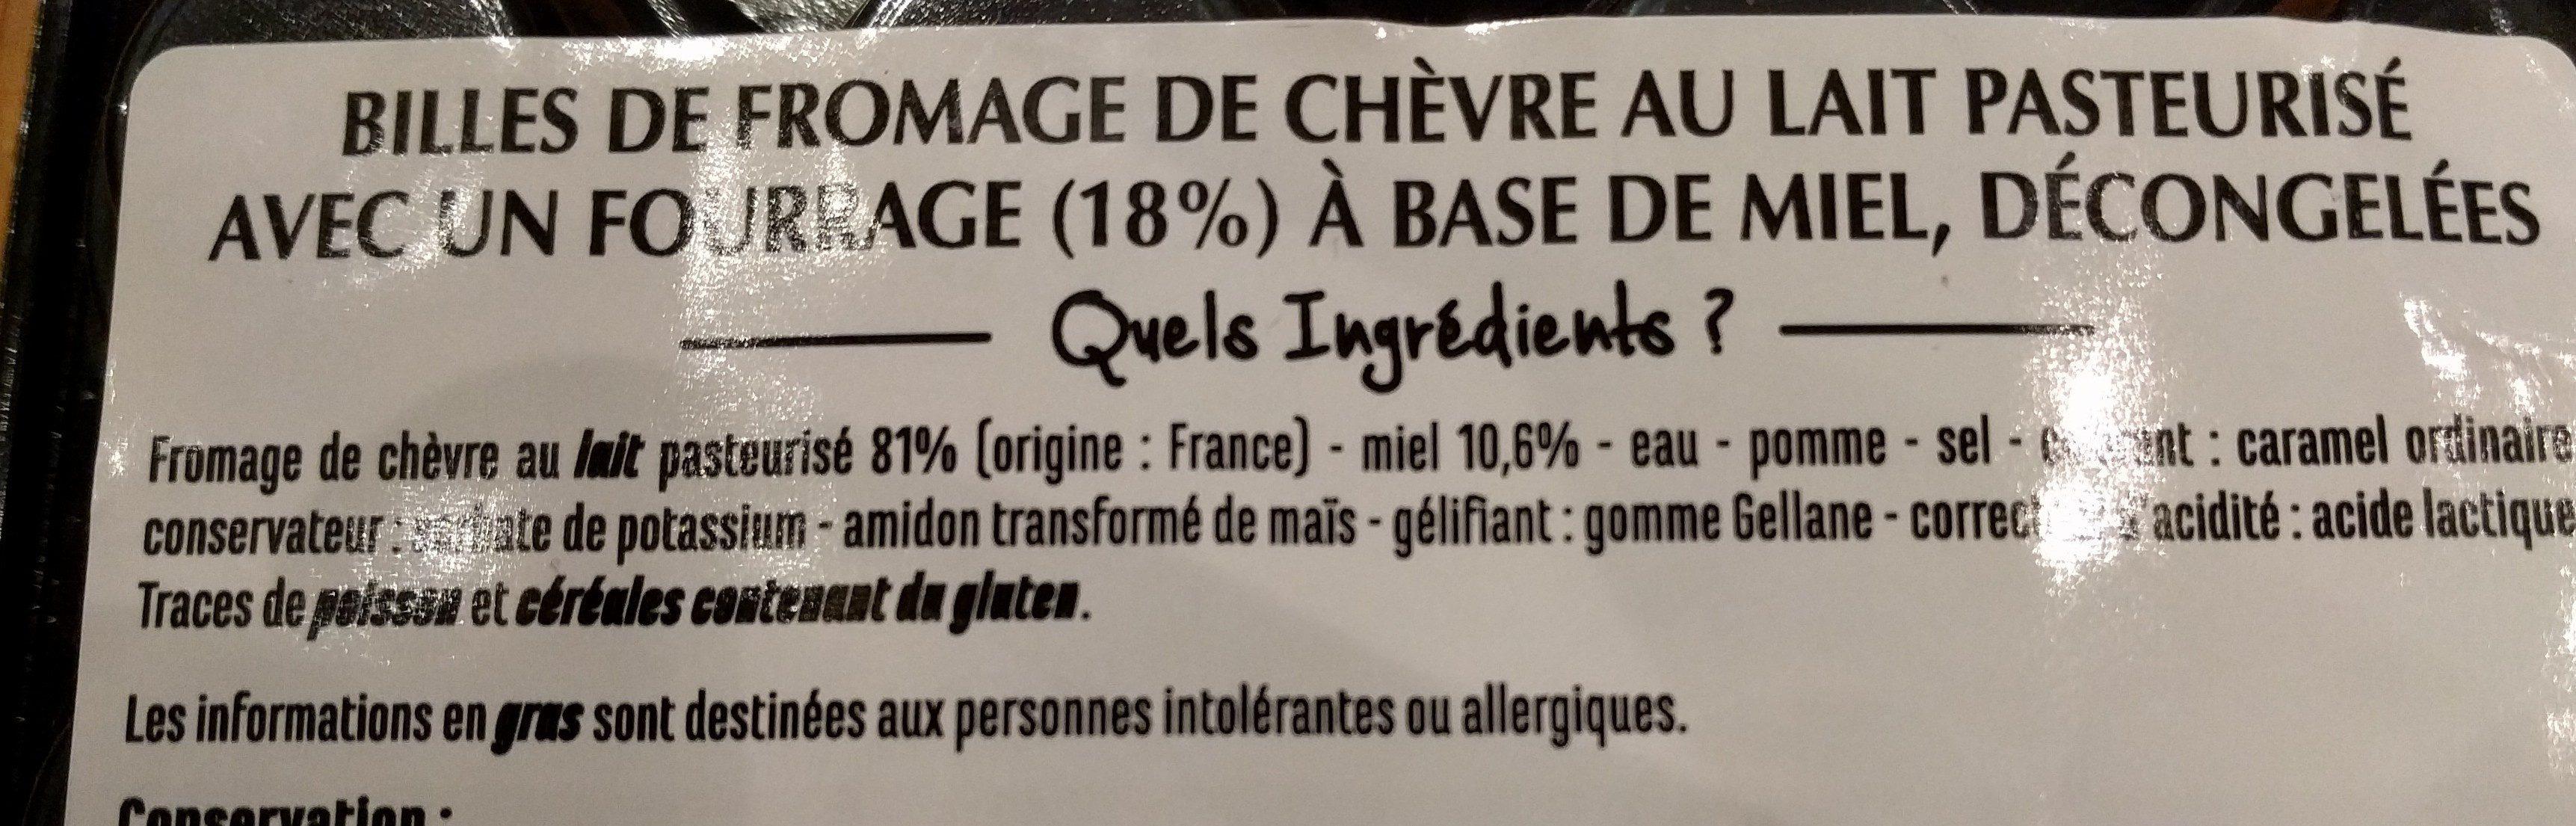 Billes de chèvre coeur au miel - Ingrediënten